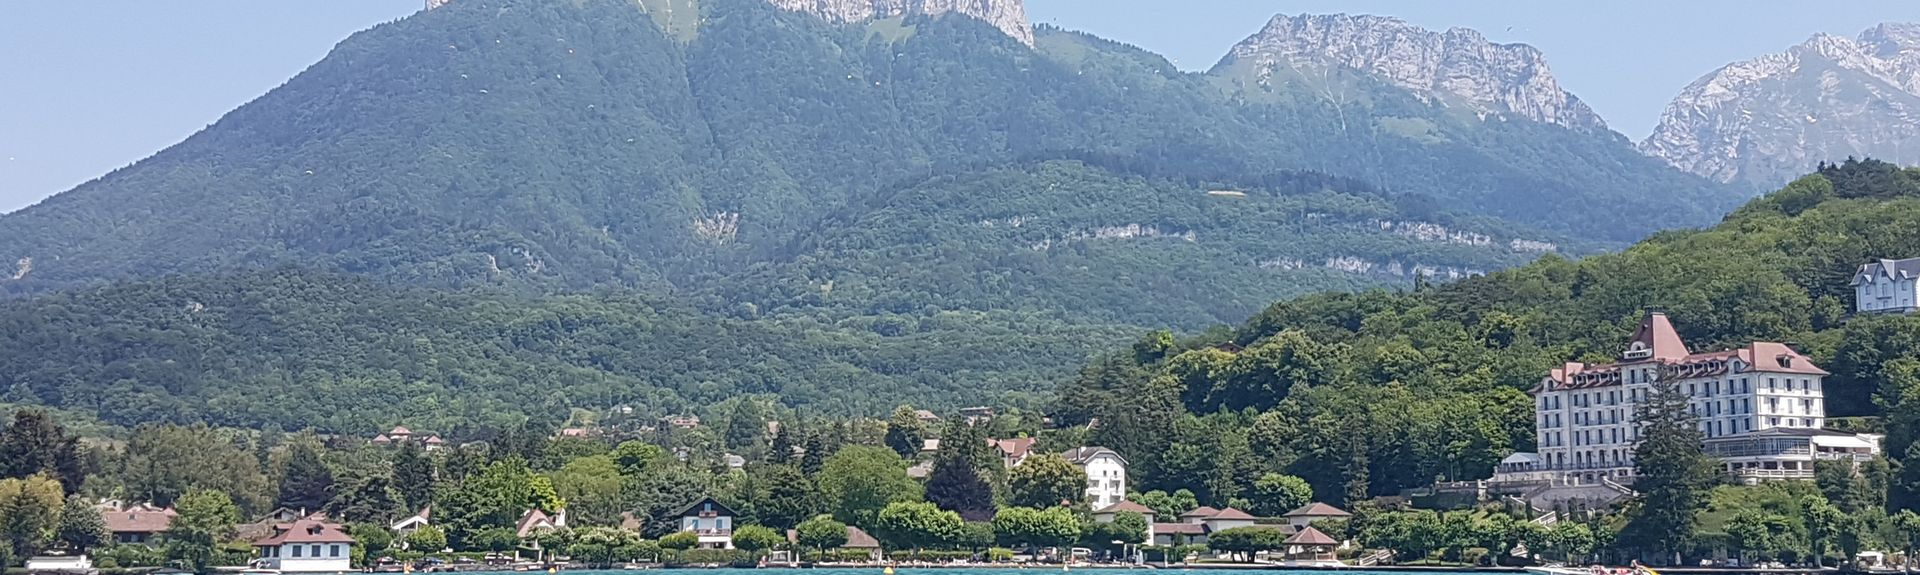 Saint-Jorioz, Haute-Savoie (department), France